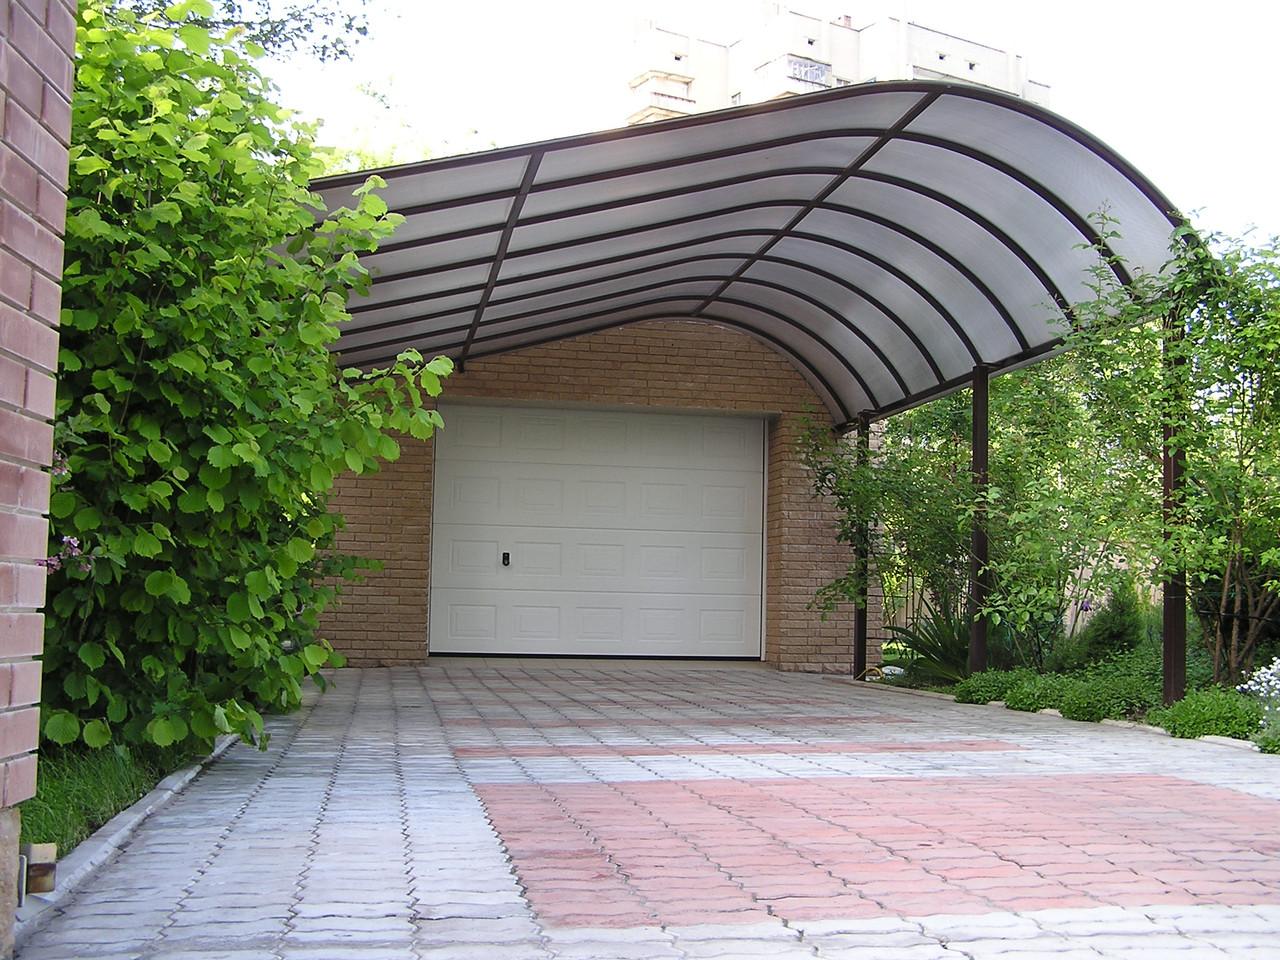 Навесы из поликарбоната во дворе частного дома